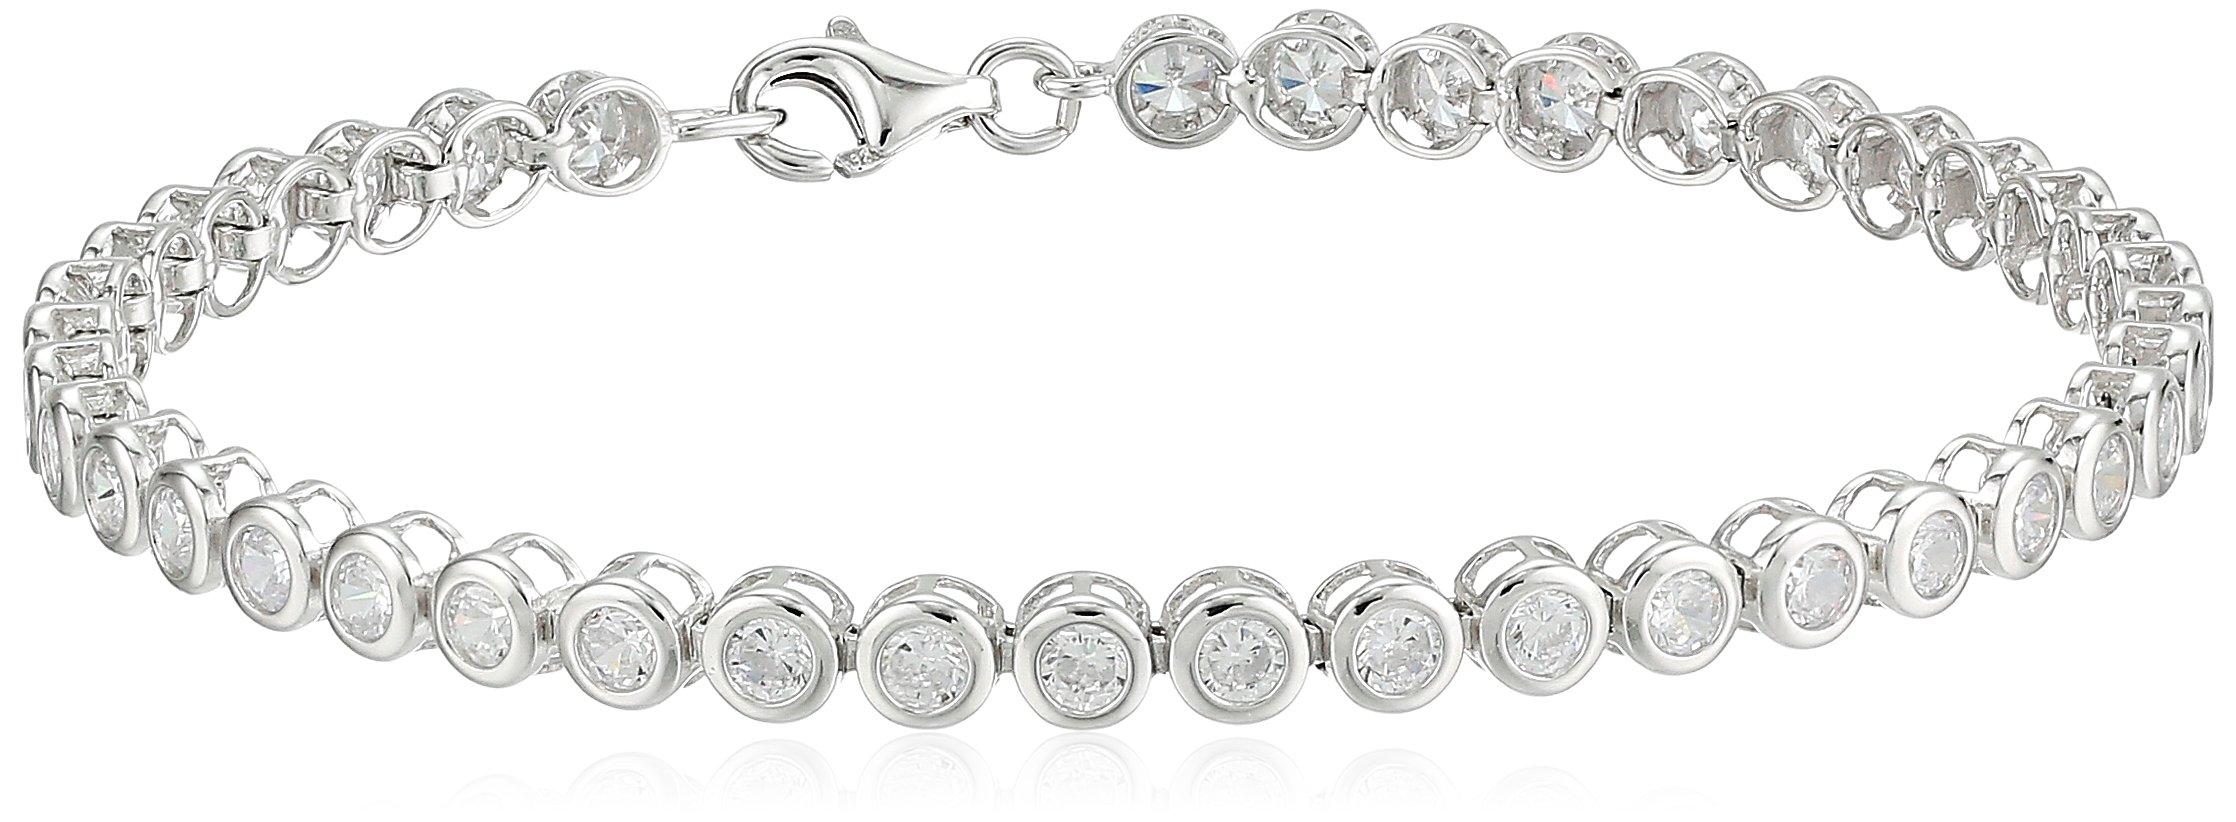 Sterling Silver Cubic Zirconia Bezel Set Tennis Bracelet, 7.5''